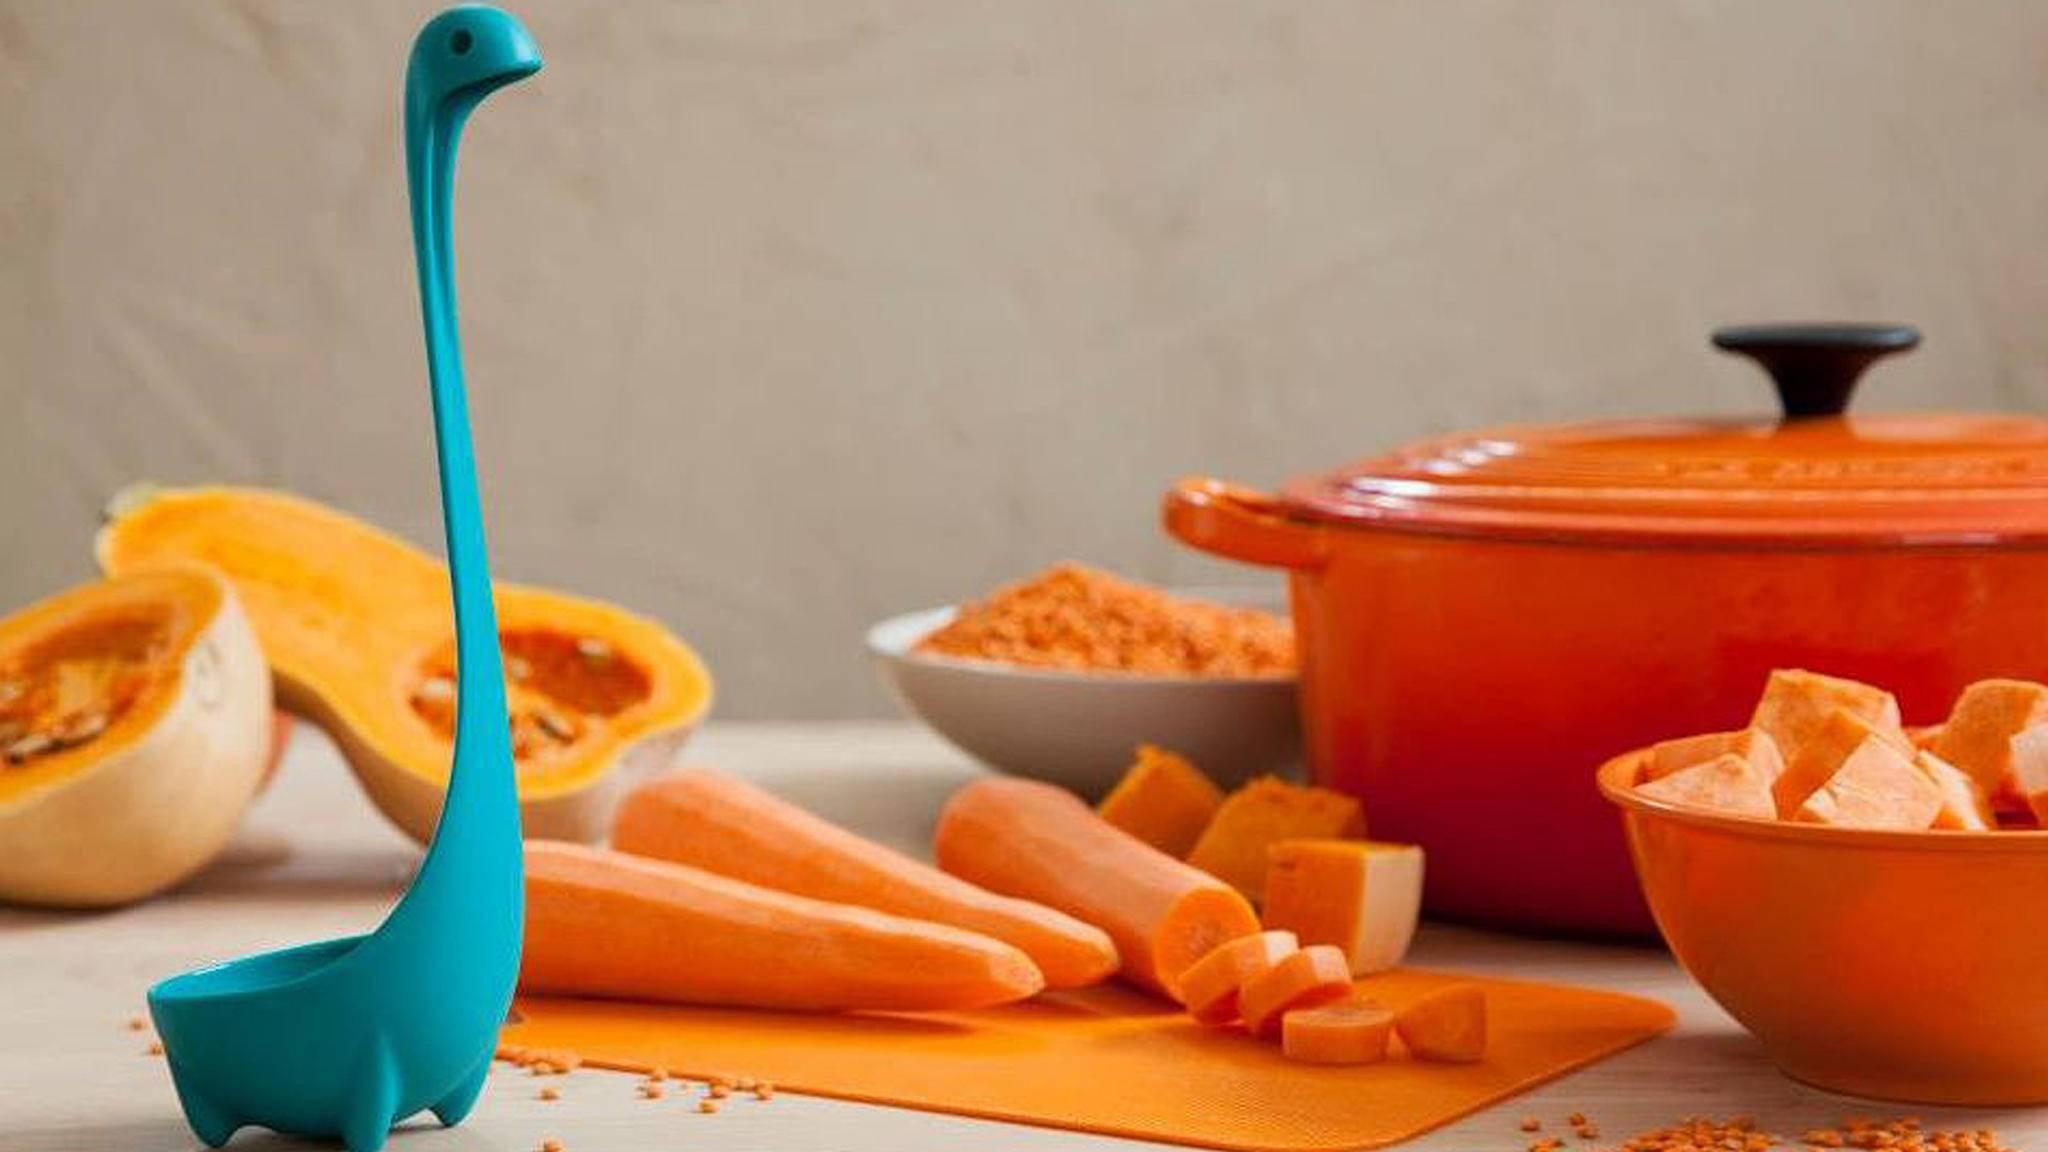 Lustige Küchen-Gadgets wie Nessie und Co. sorgen für gute Laune beim Kochen.